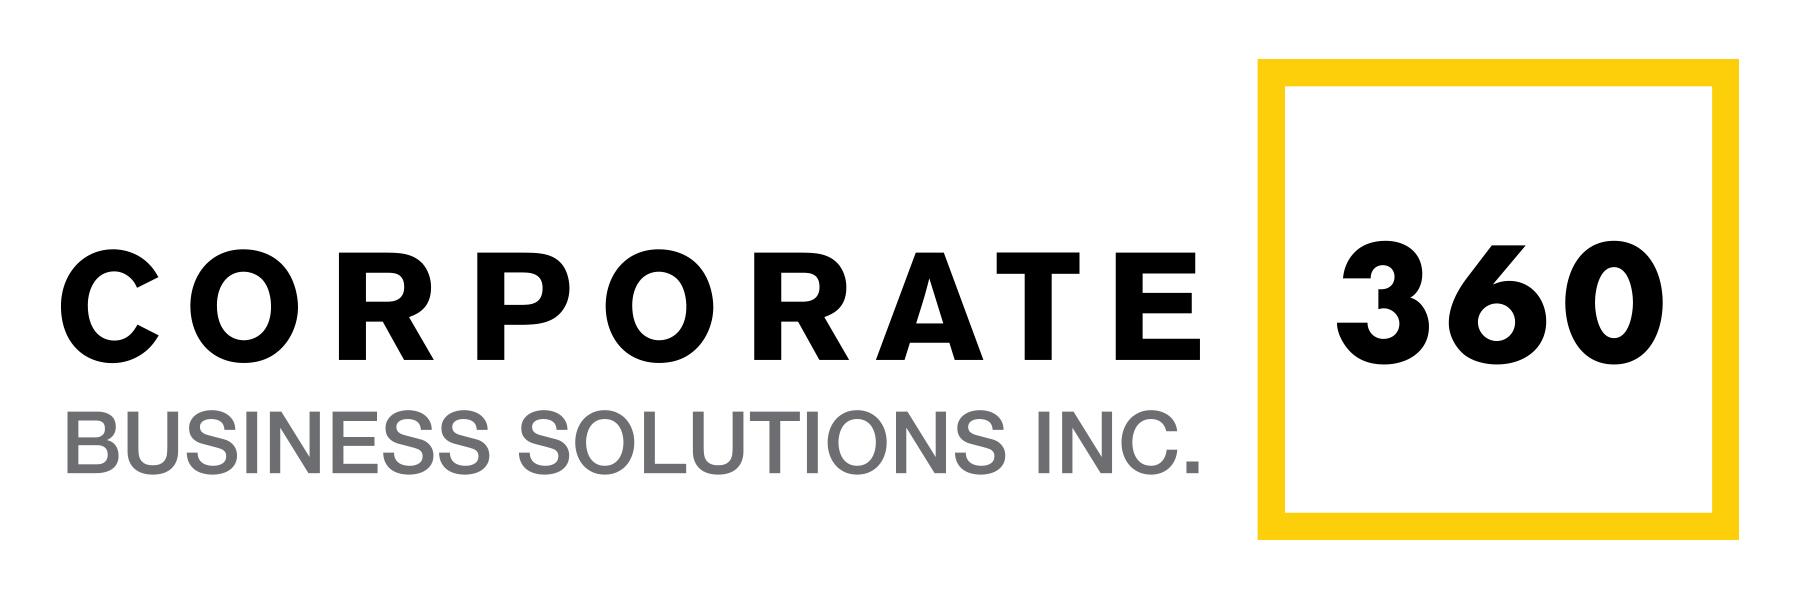 Corporate360 Tagline.jpg